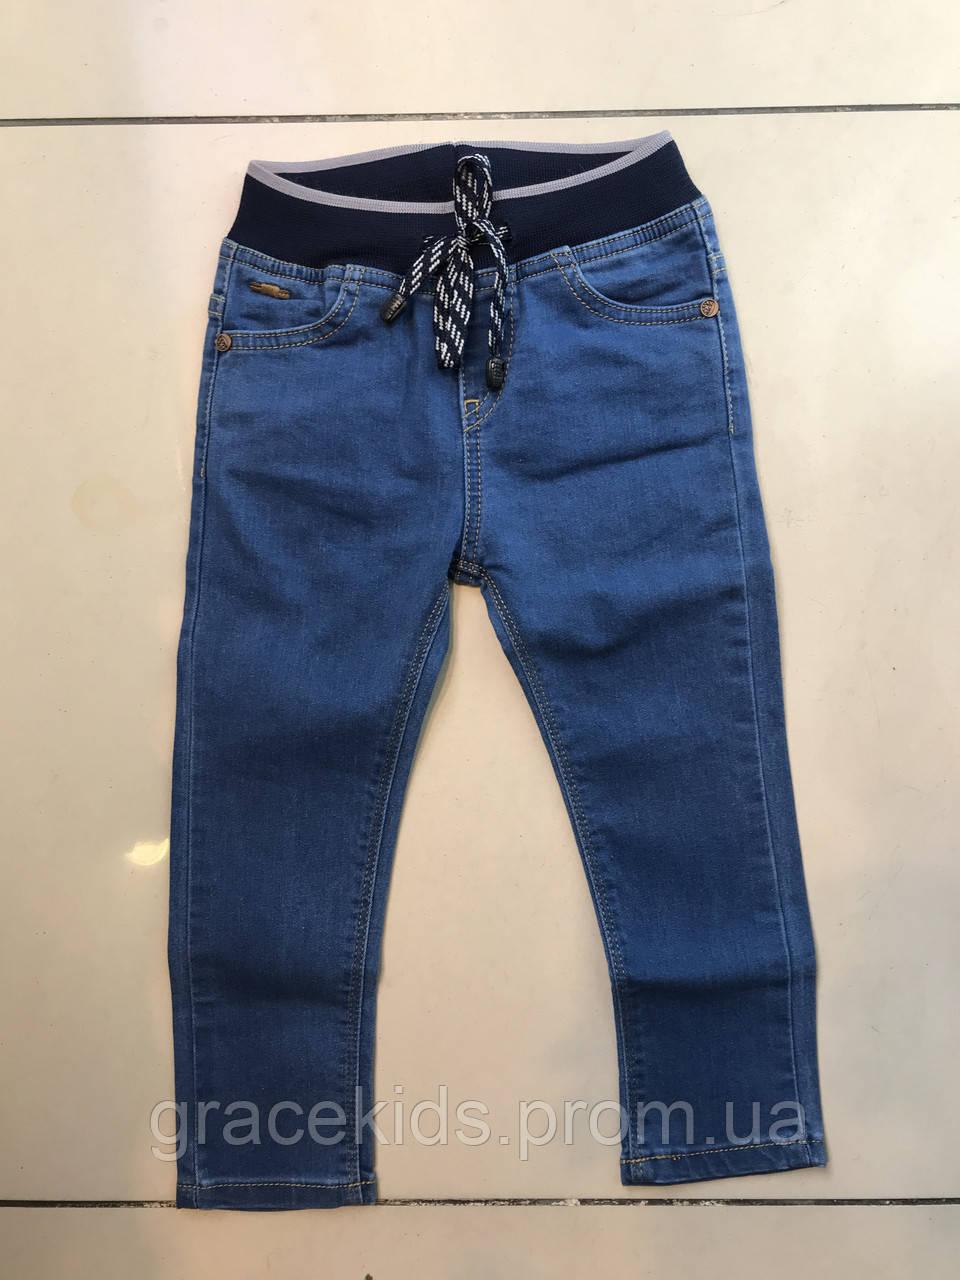 Детские джинсы для мальчиков Cool Finish.разм 6-10